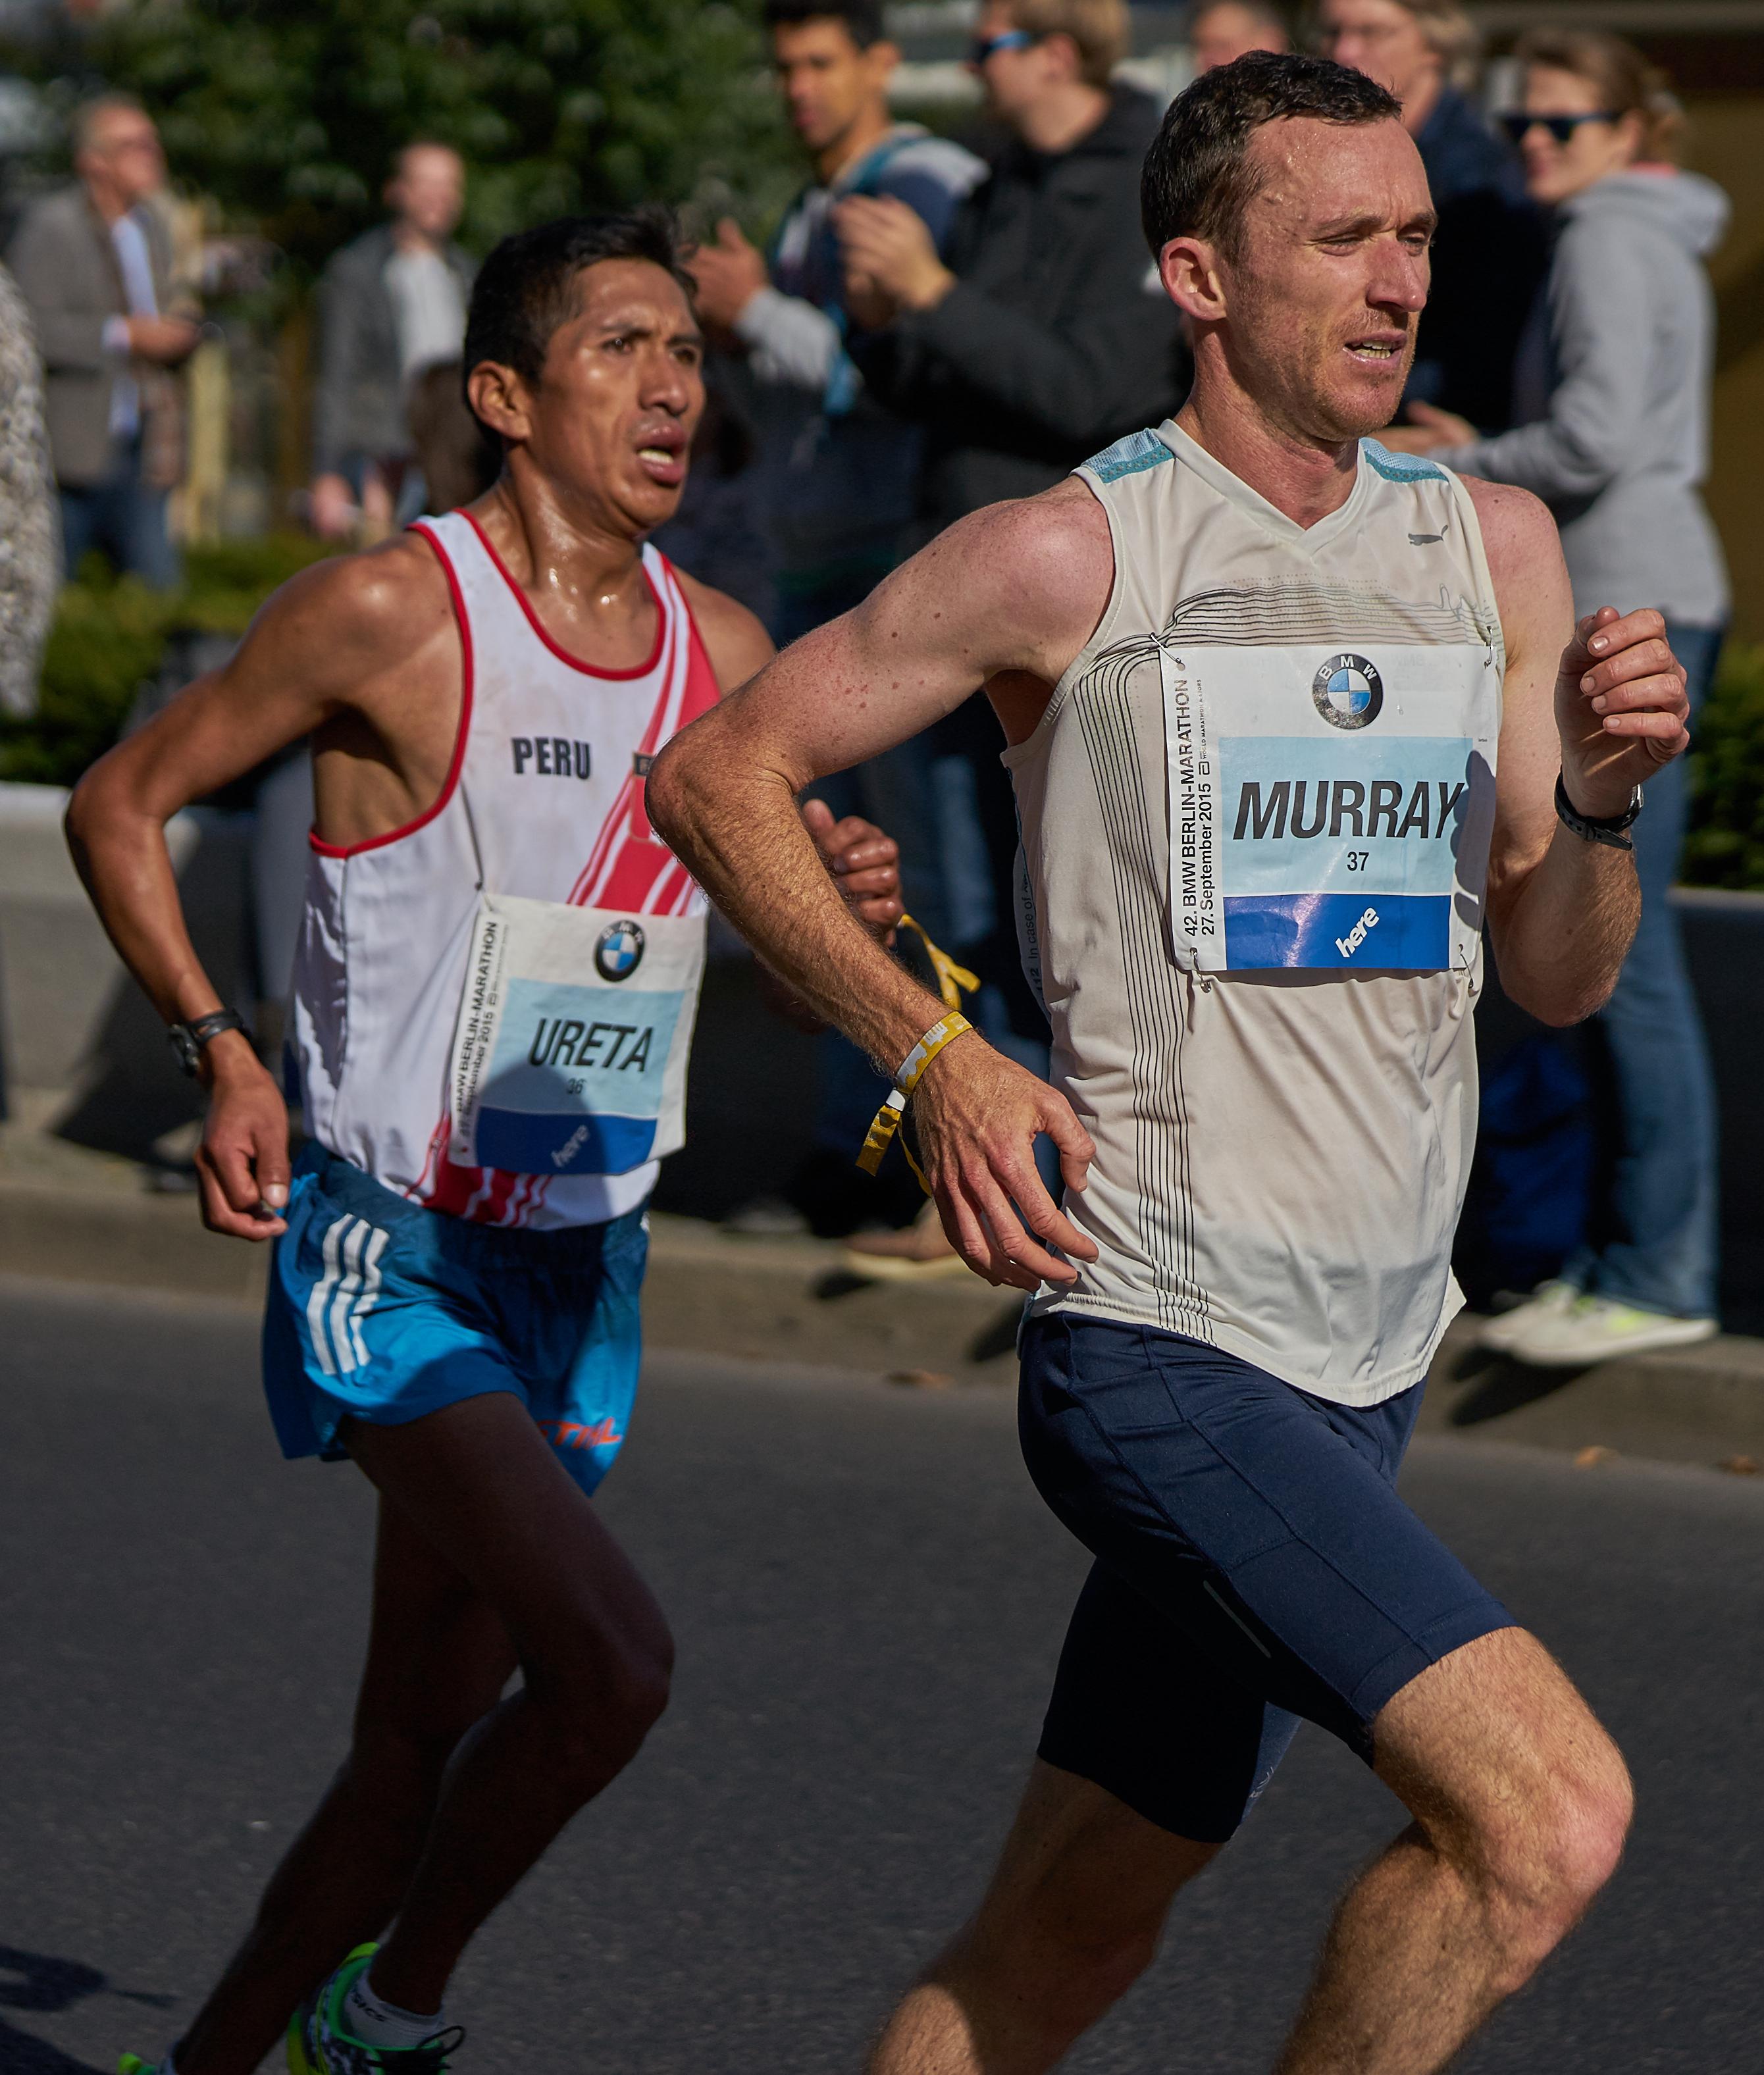 Muskultura.mk | Маратонци | Џогирање или спринтови?